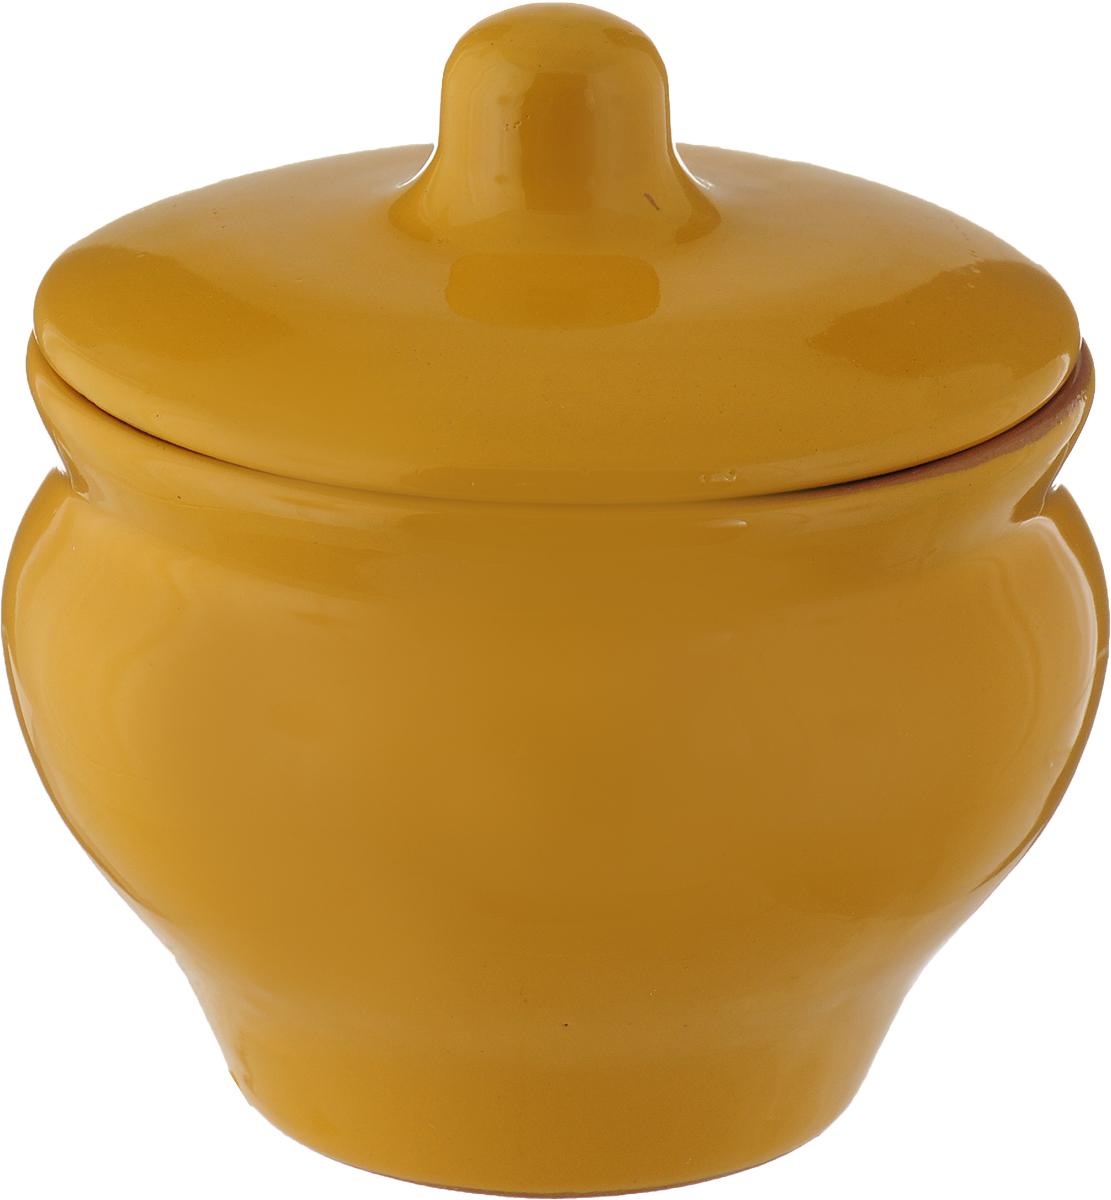 Горшочек для запекания Борисовская керамика Мечта хозяйки, цвет: темно-желтый, 350 мл горшочек для жаркого борисовская керамика русский мрамор